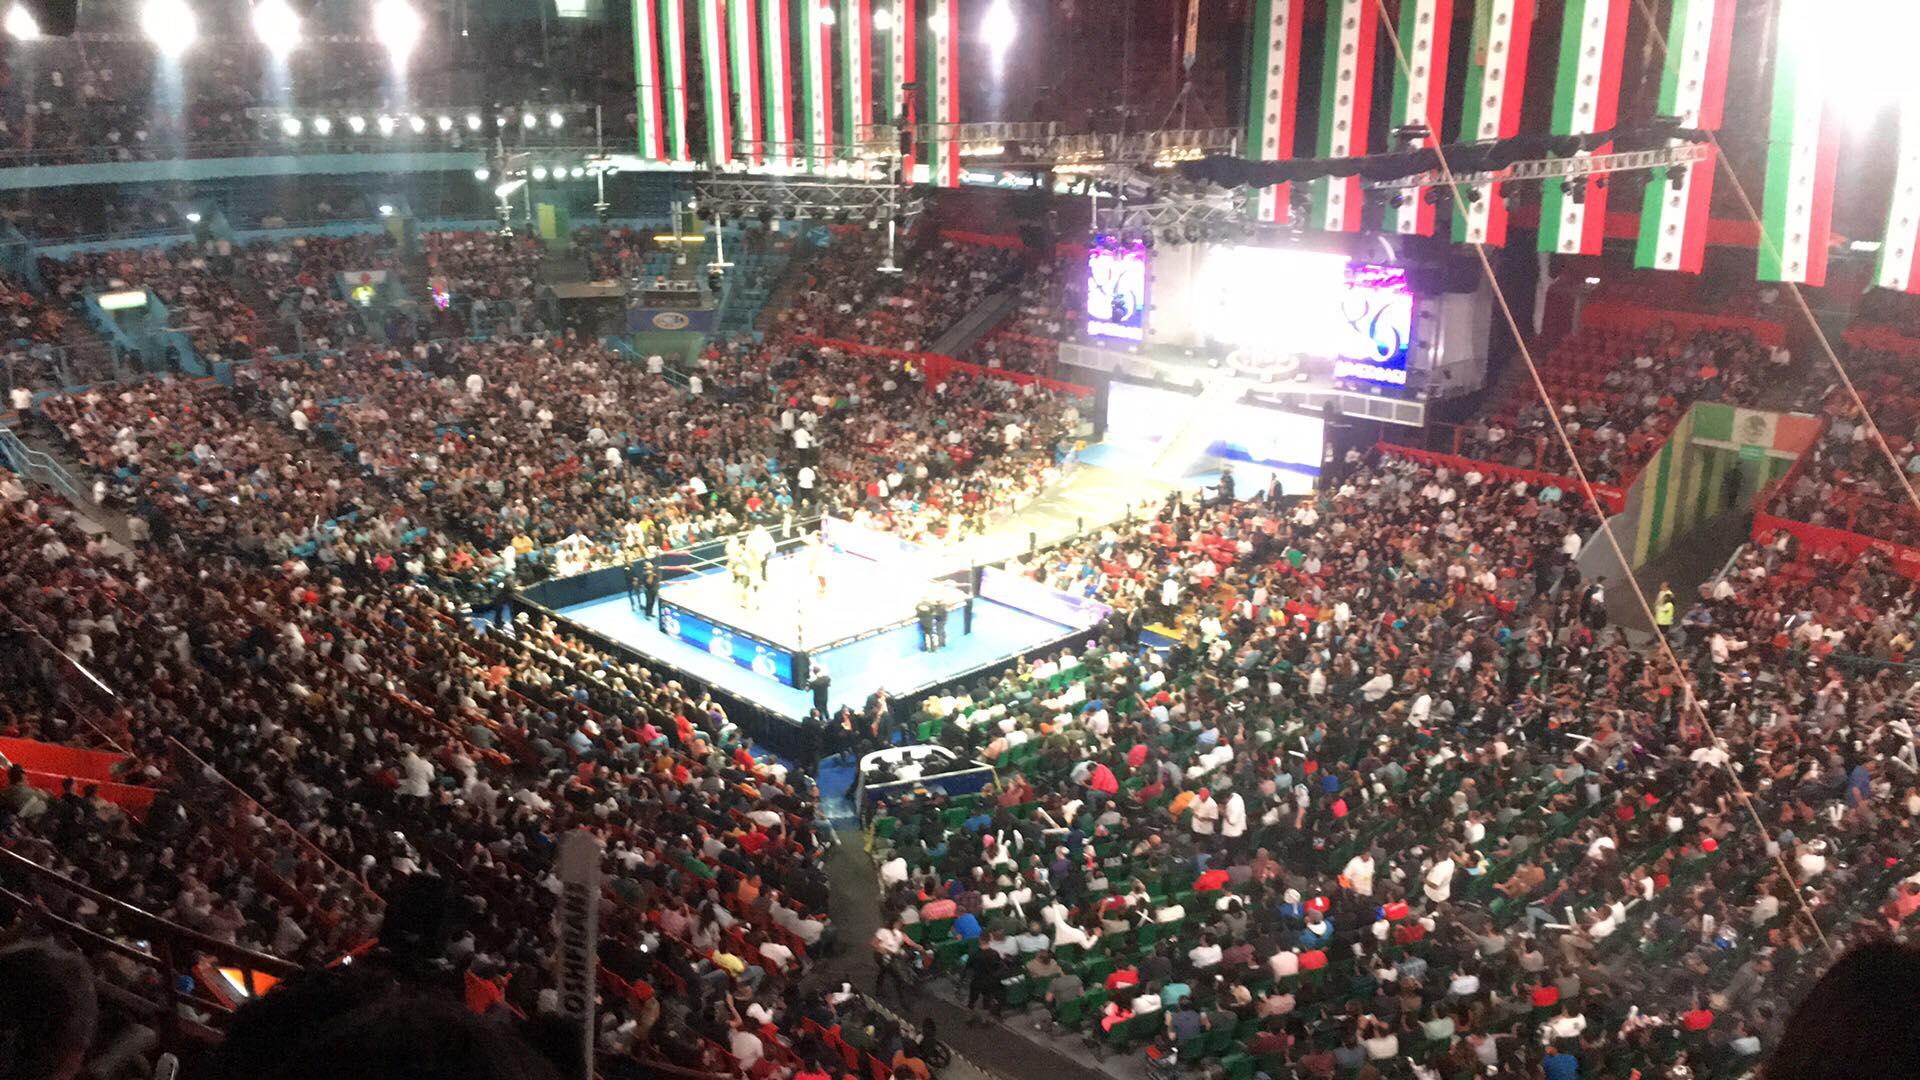 CMLL Aniversario 86 (27 de septiembre 2019) | Resultados en vivo | 7 cabelleras en juego 10